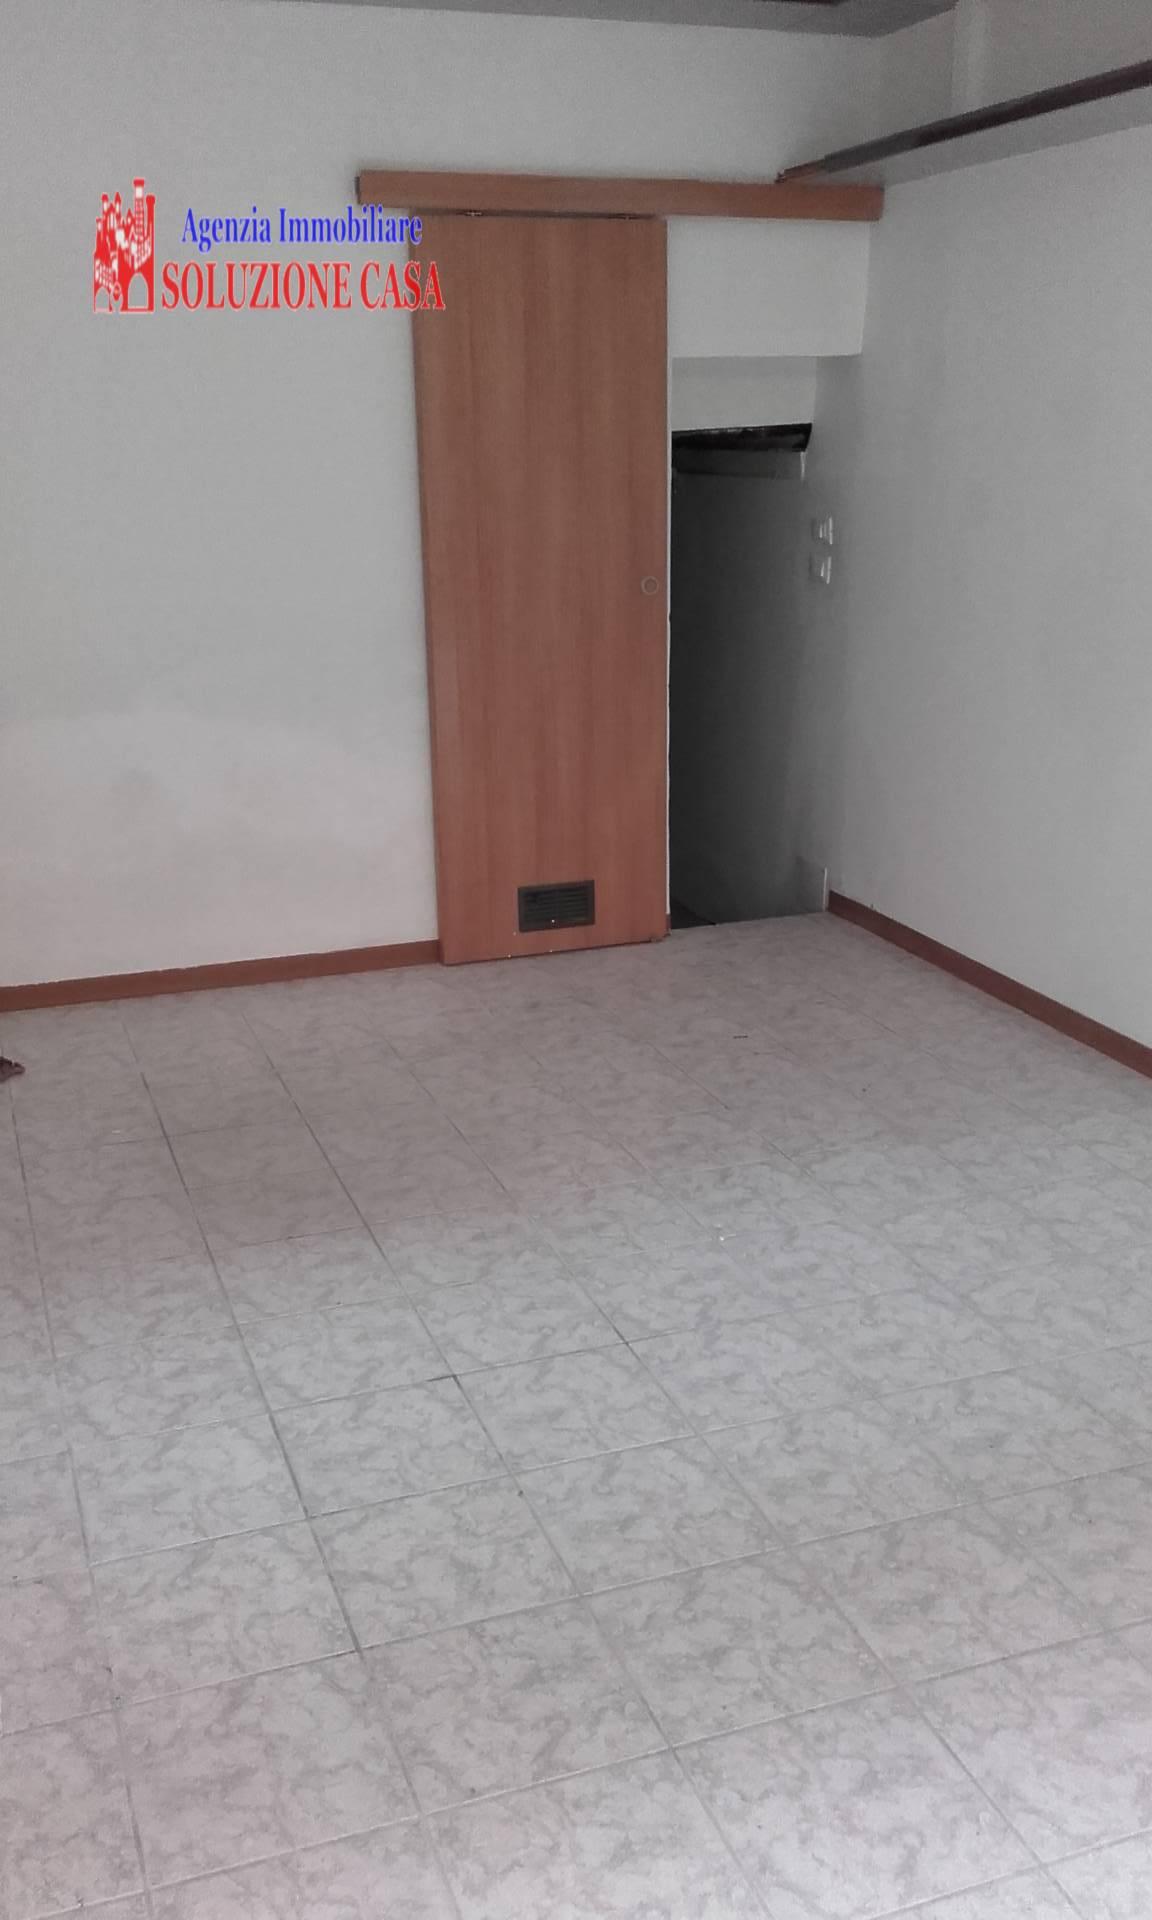 Negozio / Locale in affitto a Pieve di Cento, 1 locali, prezzo € 400 | Cambio Casa.it